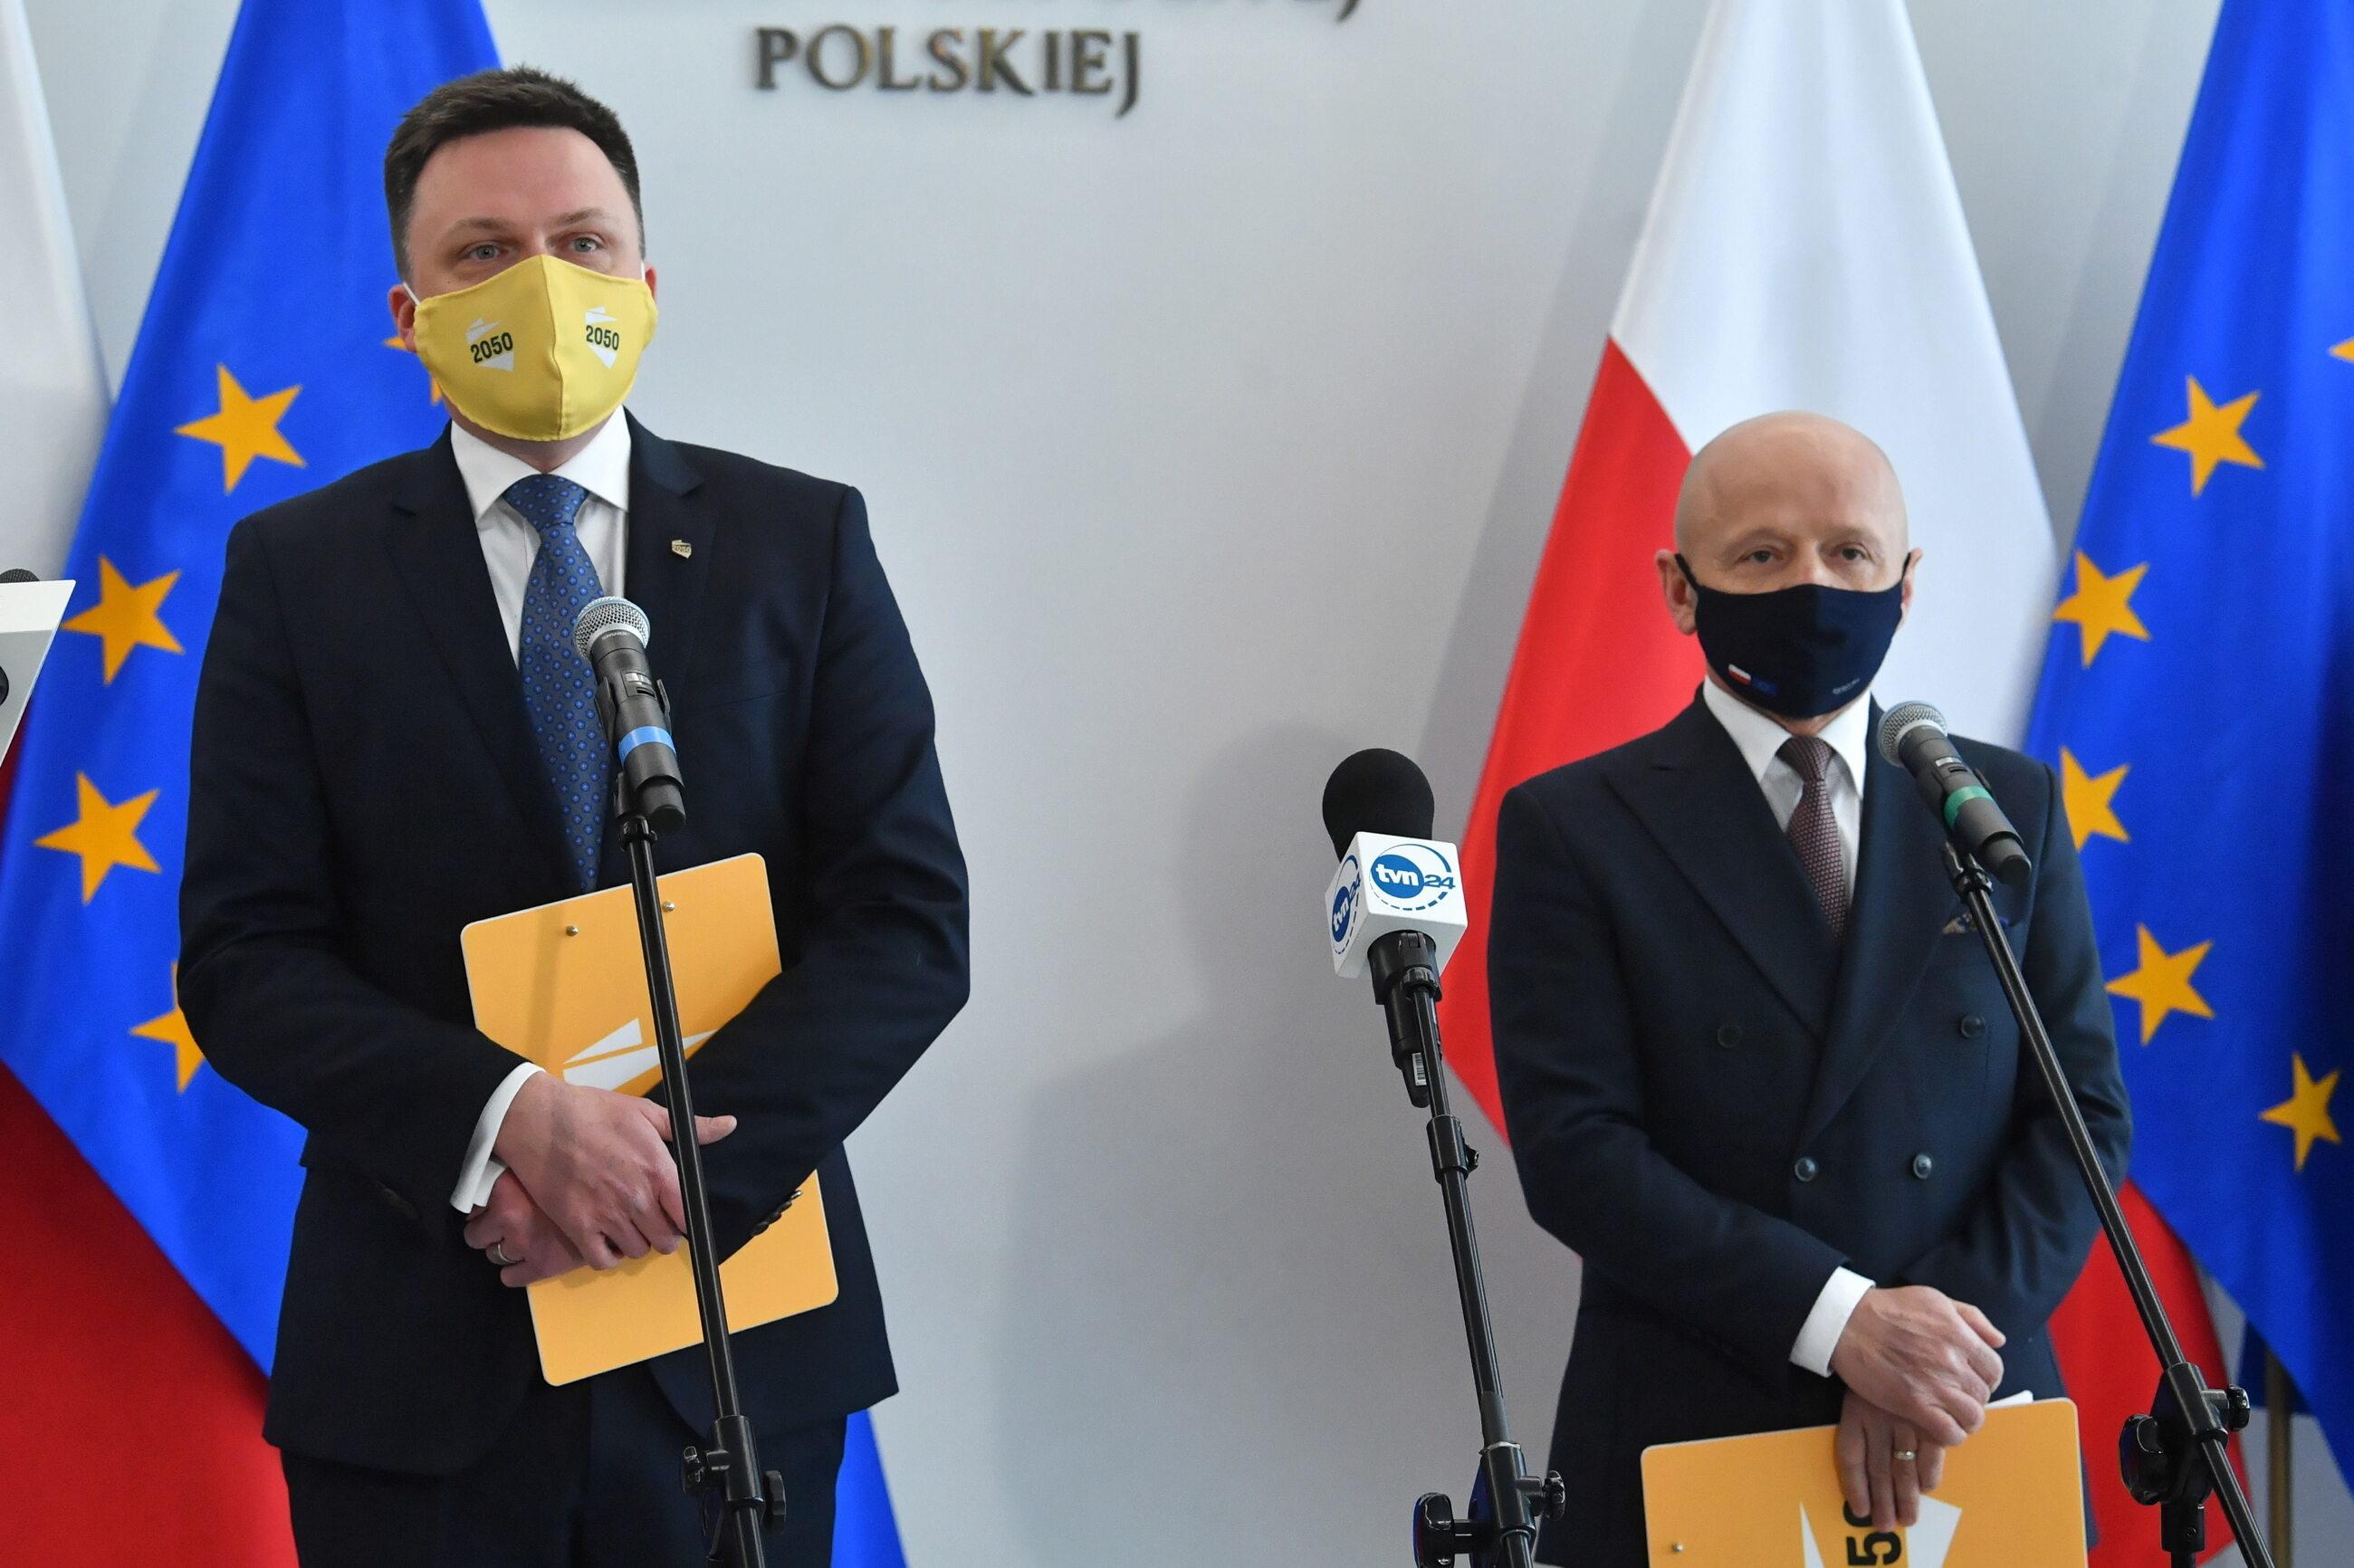 Szymon Hołownia i Jacek Bury podczas konferencji prasowej w Sejmie